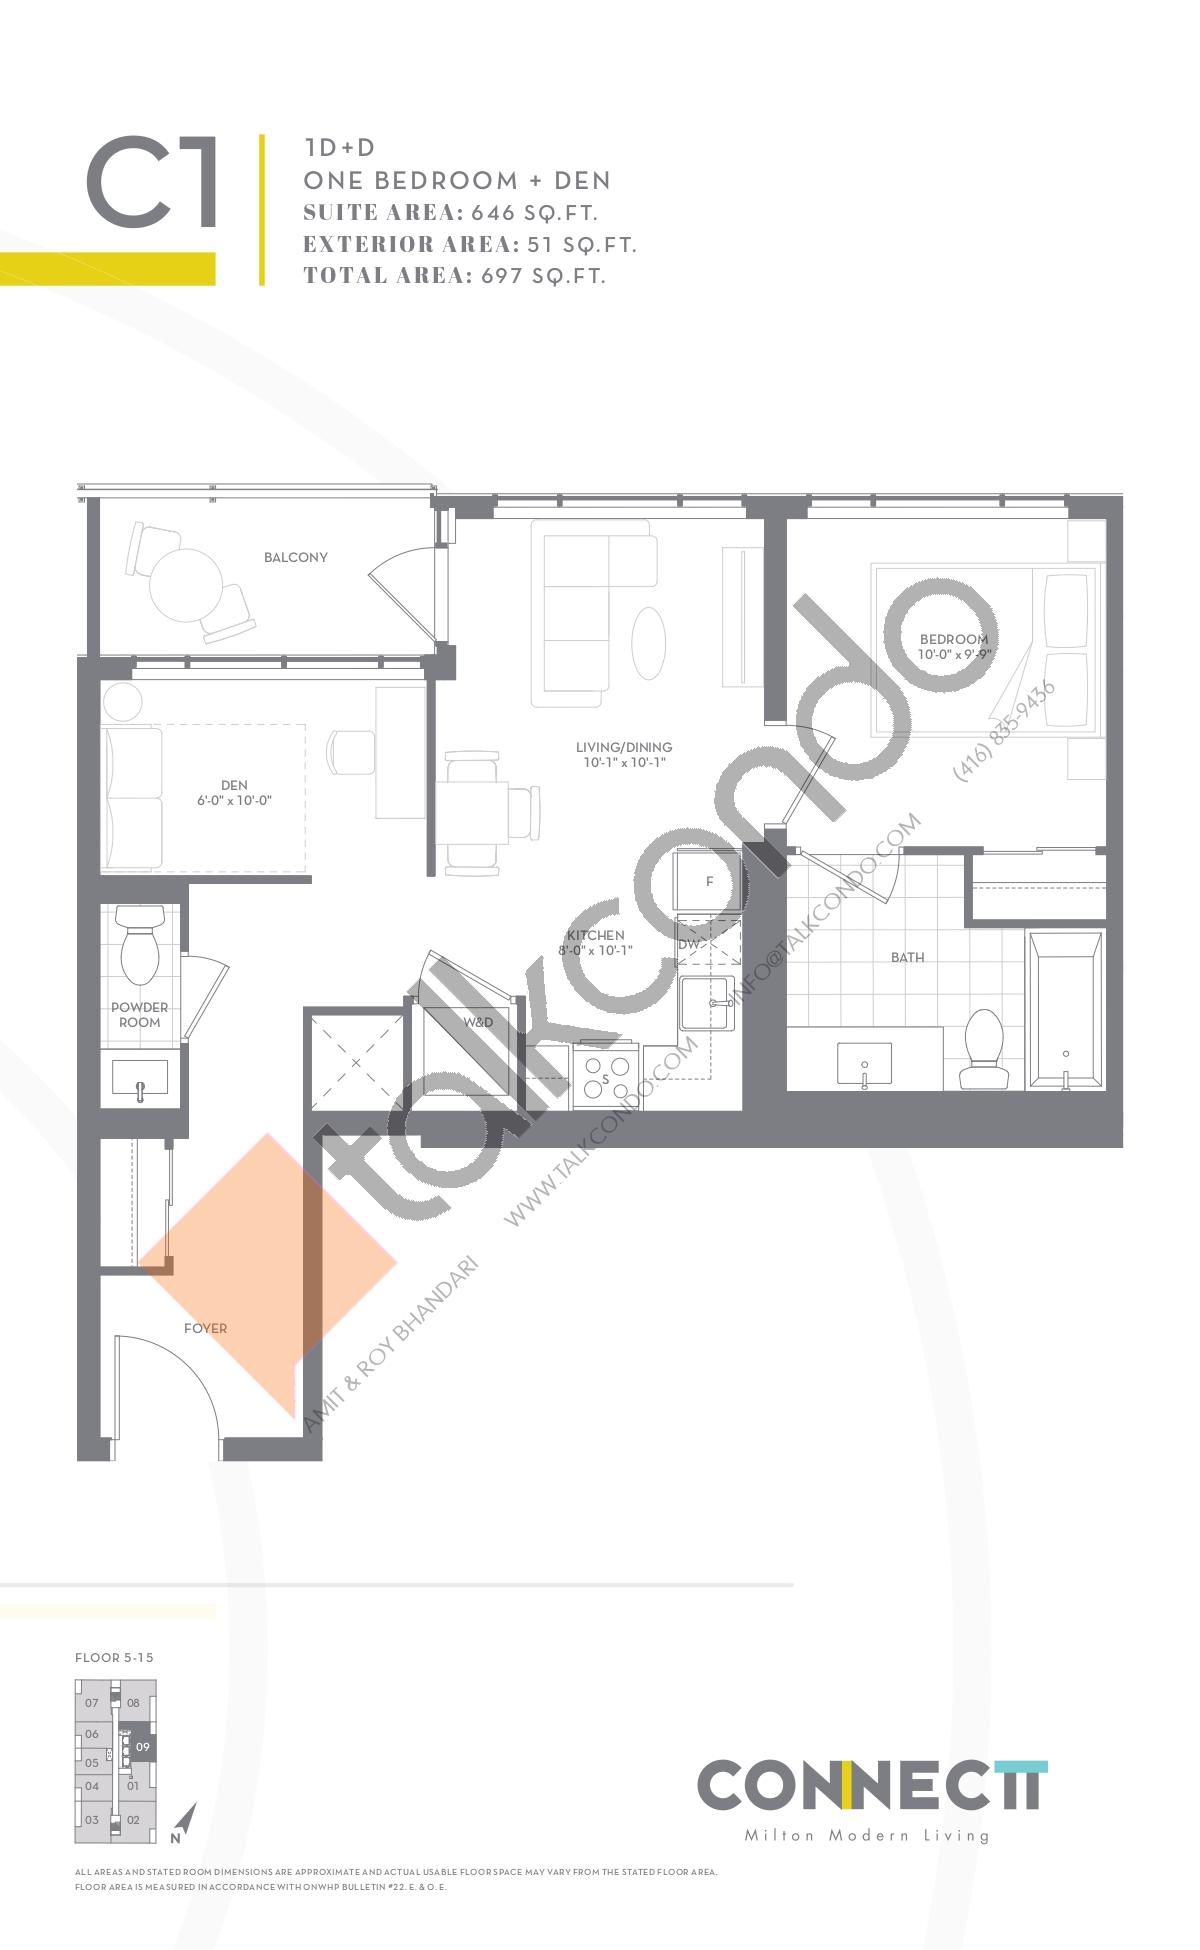 1D+D Floor Plan at Connectt Urban Community Condos - 646 sq.ft